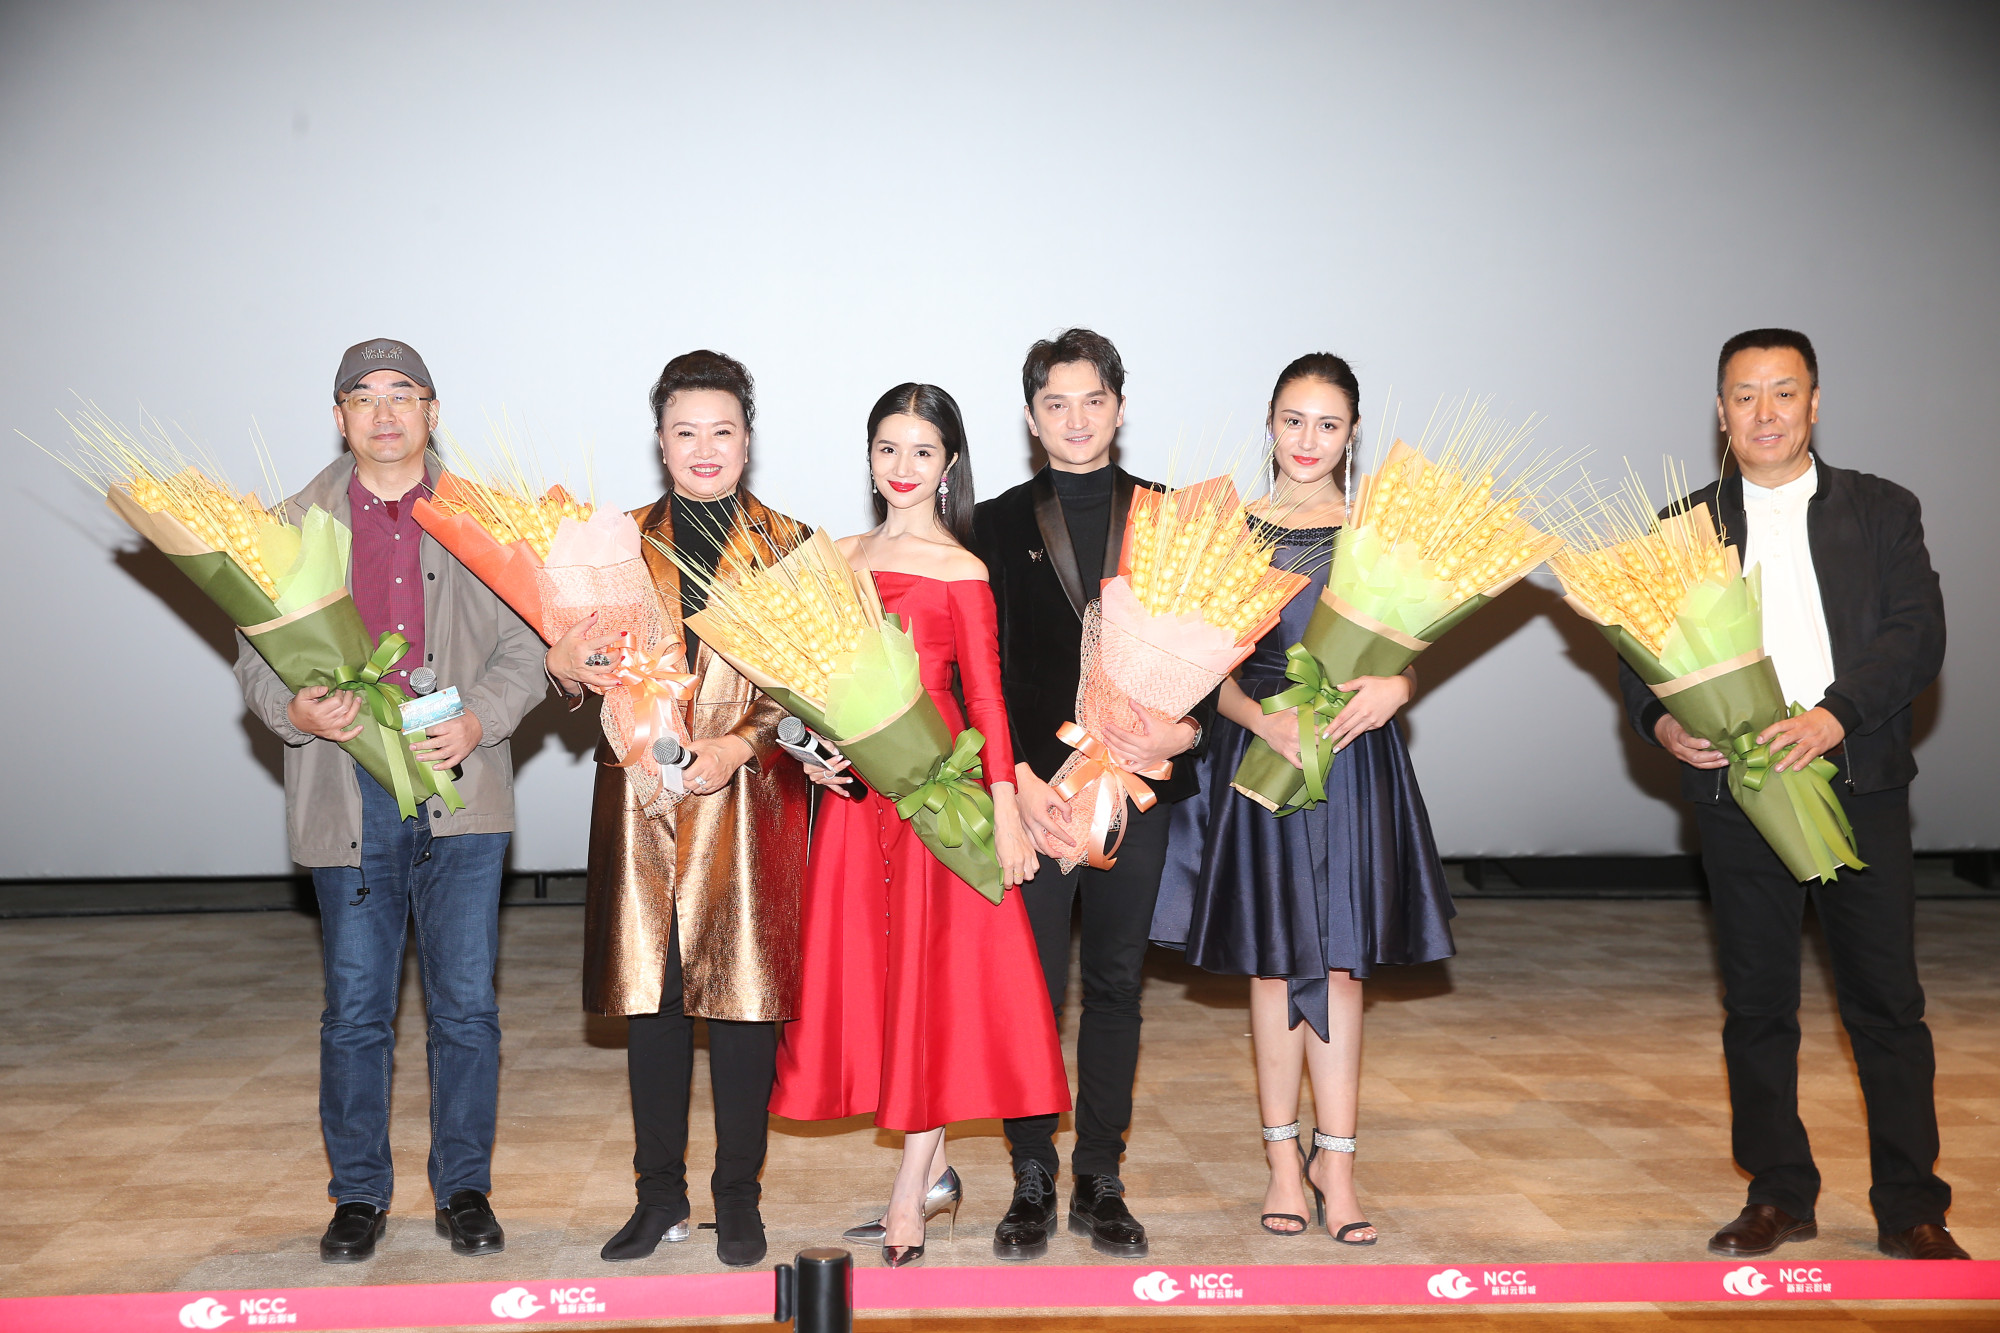 《你美丽了我的人生》首映 专业舞者表演获赞